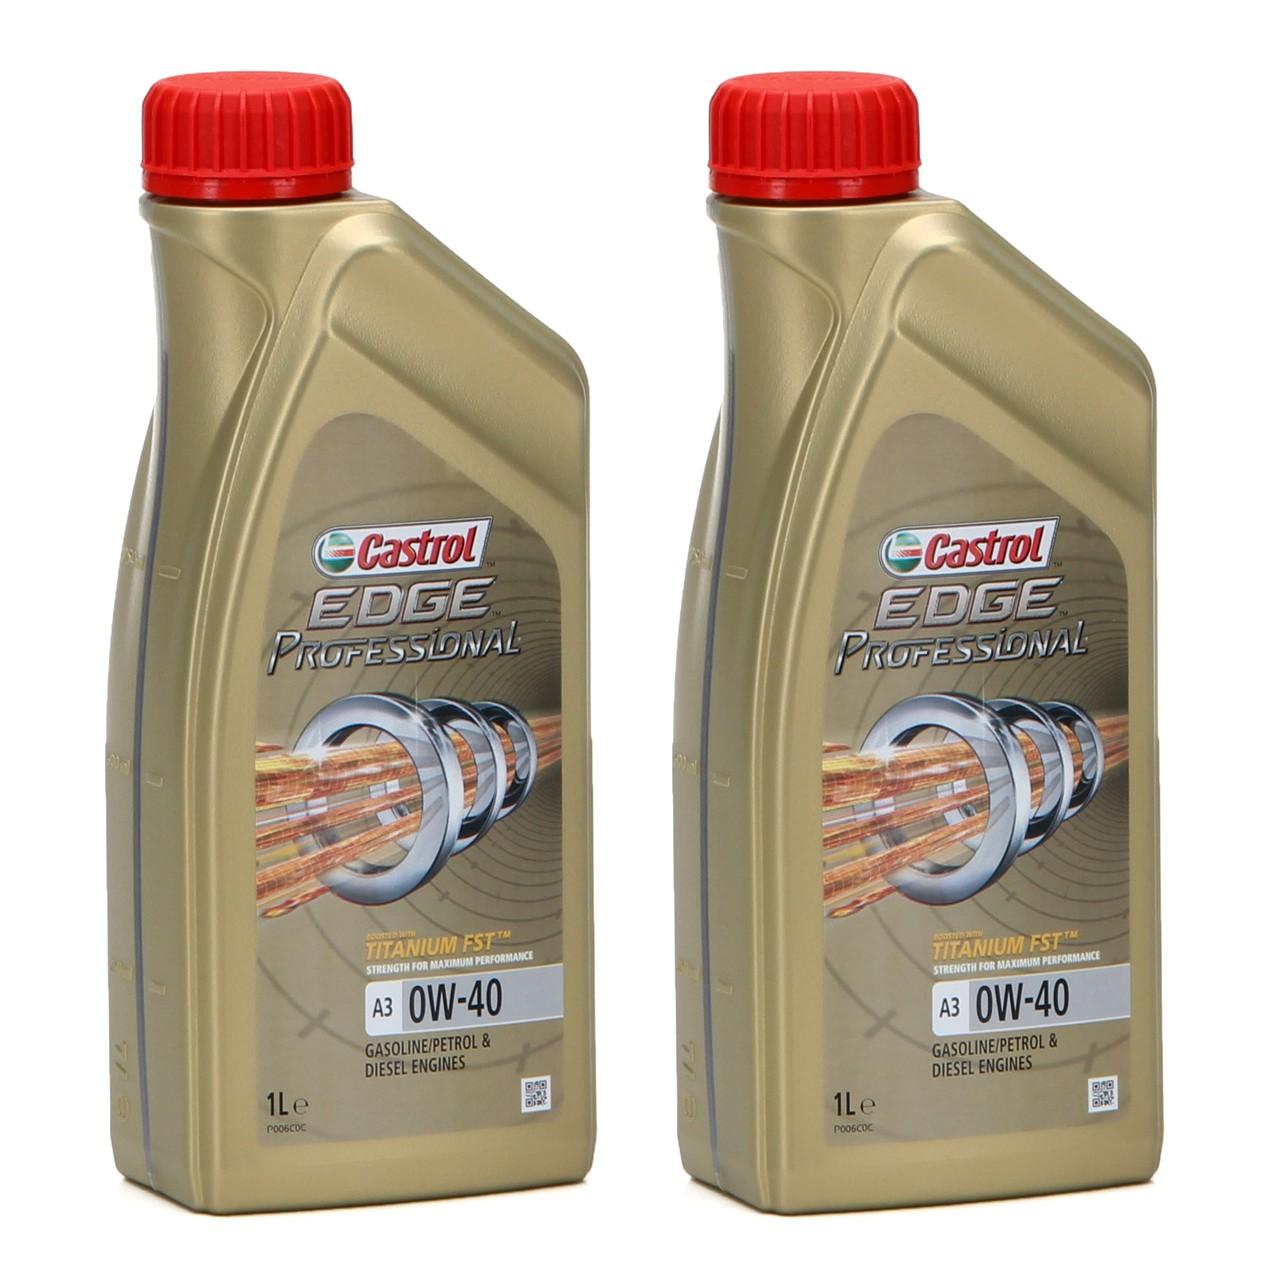 CASTROL EDGE Professional Motoröl Öl TITANIUM FST A3 0W40 BMW LL-01 - 2L 2 Liter